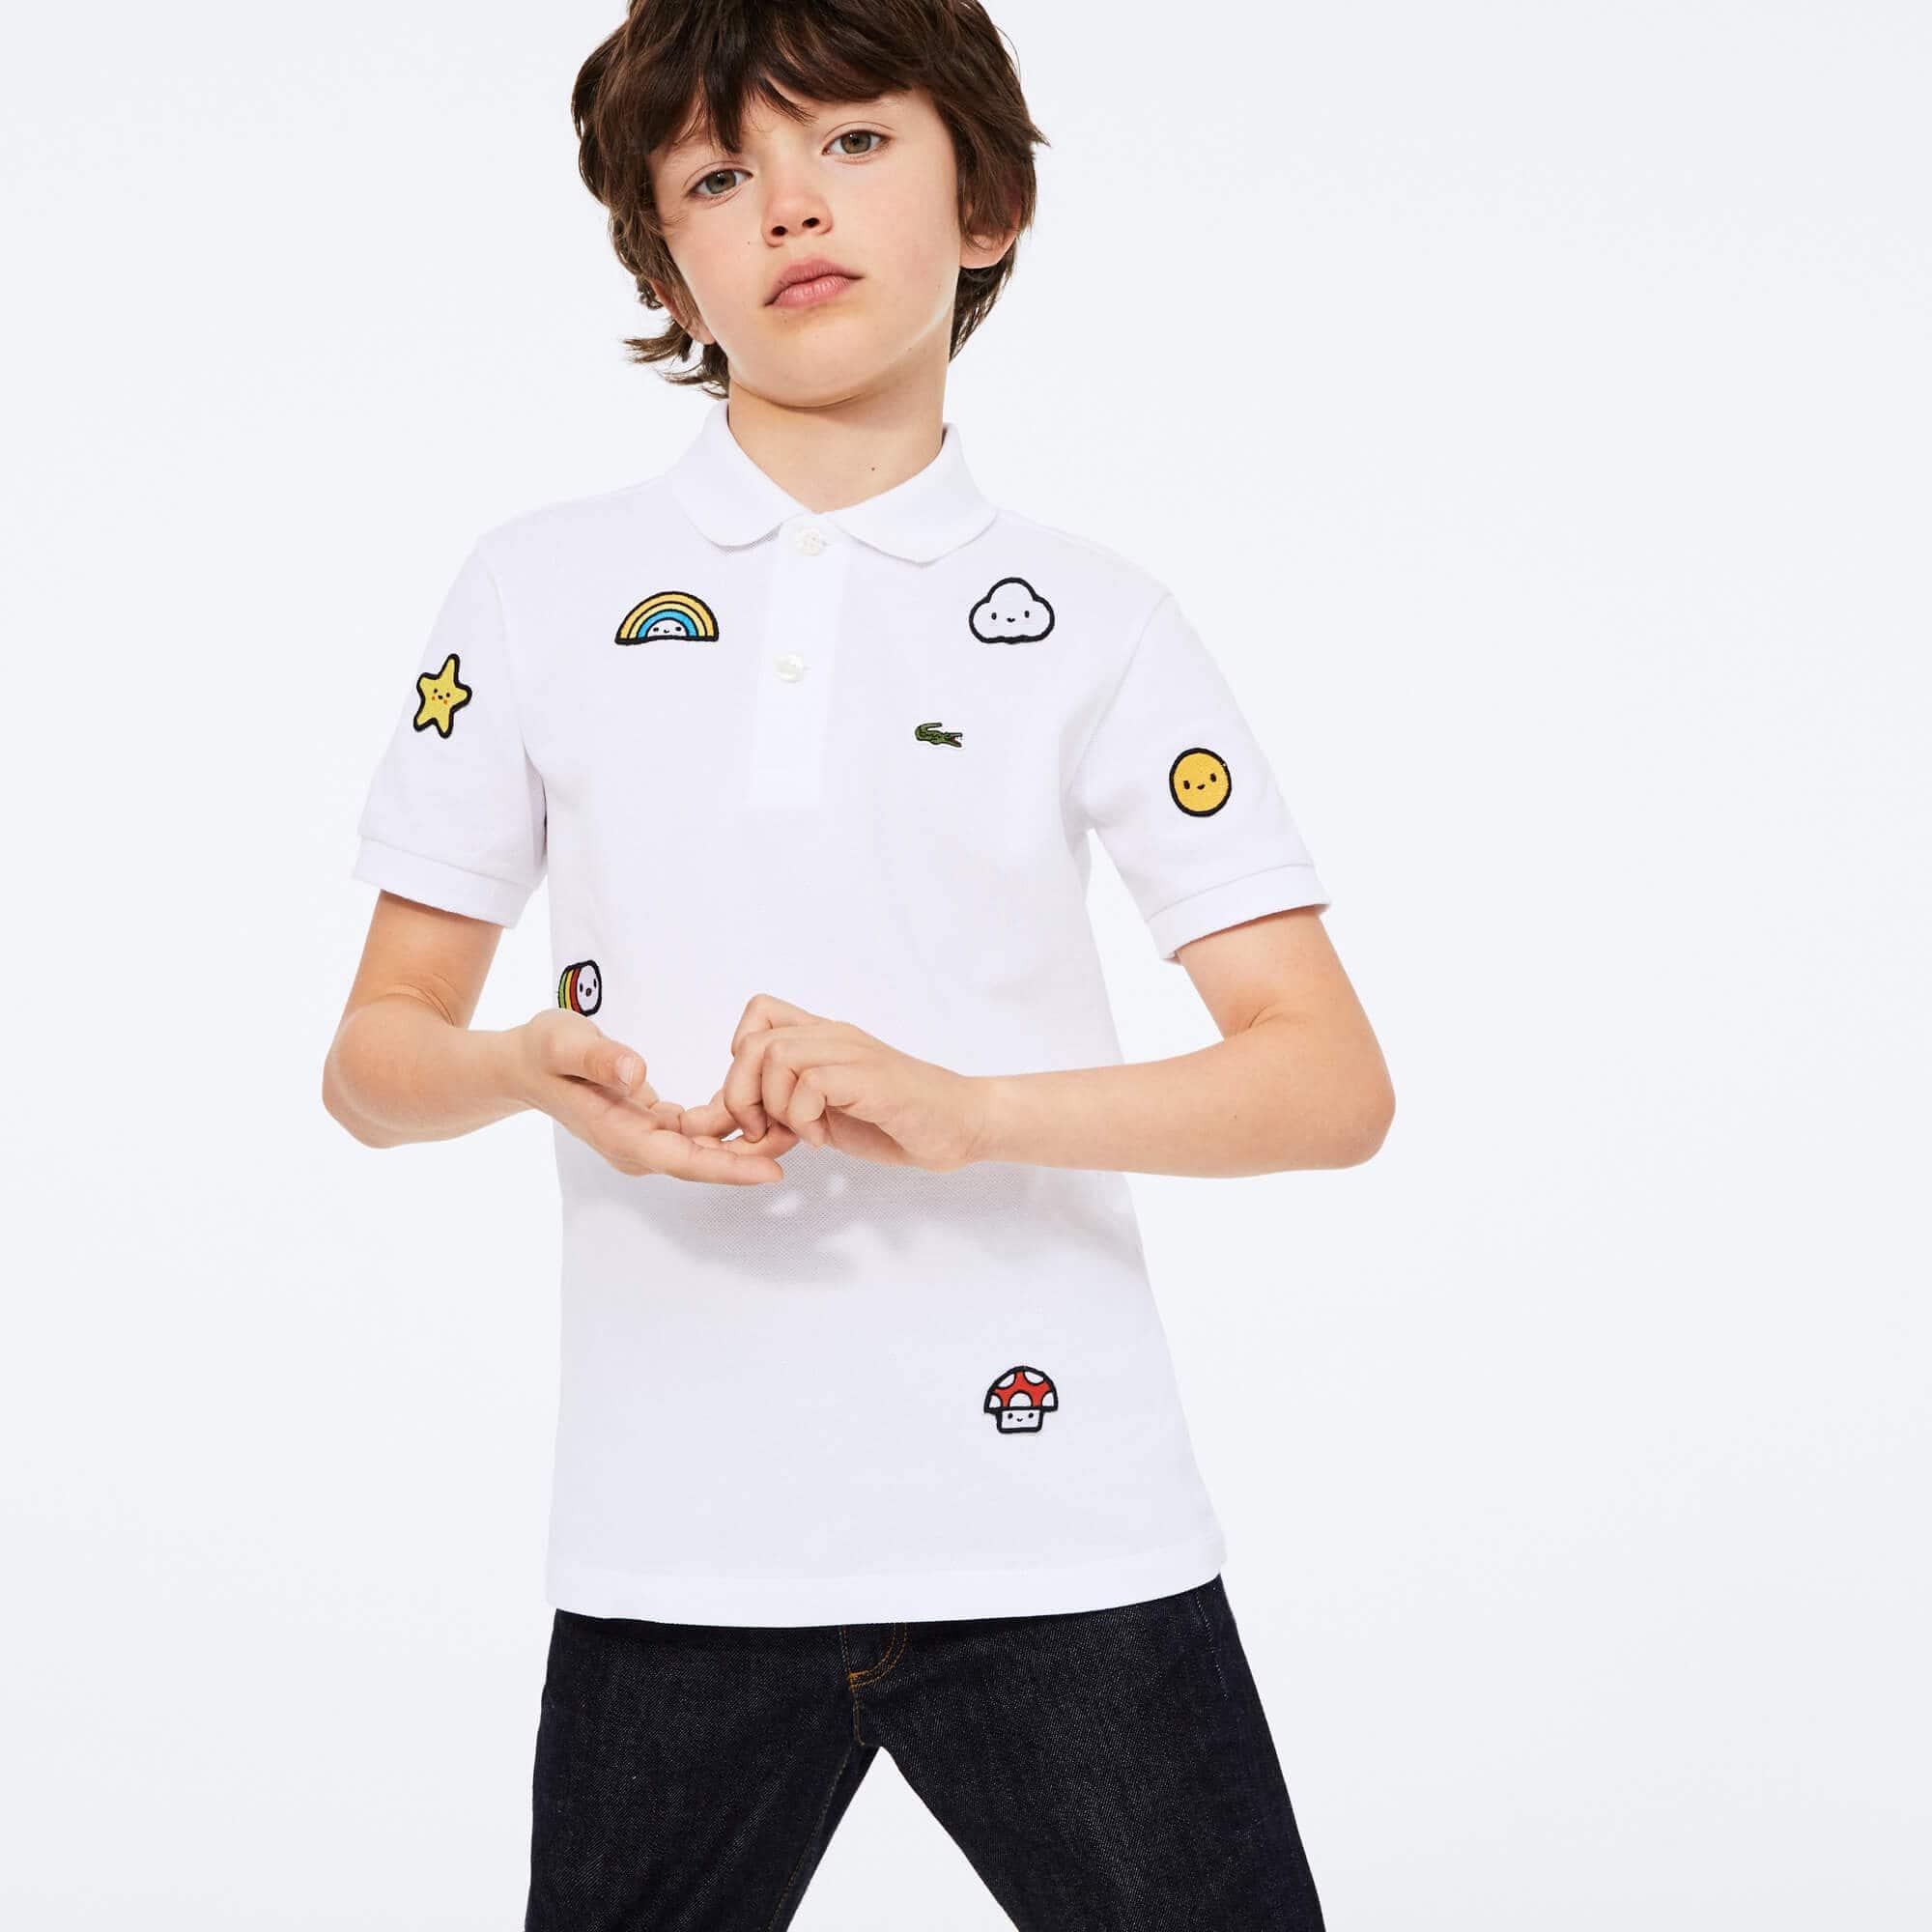 라코스테 x 프렌즈 위드유 콜라보 폴로티 남아용 Lacoste x FriendsWithYou Design Cotton Polo Shirt,White